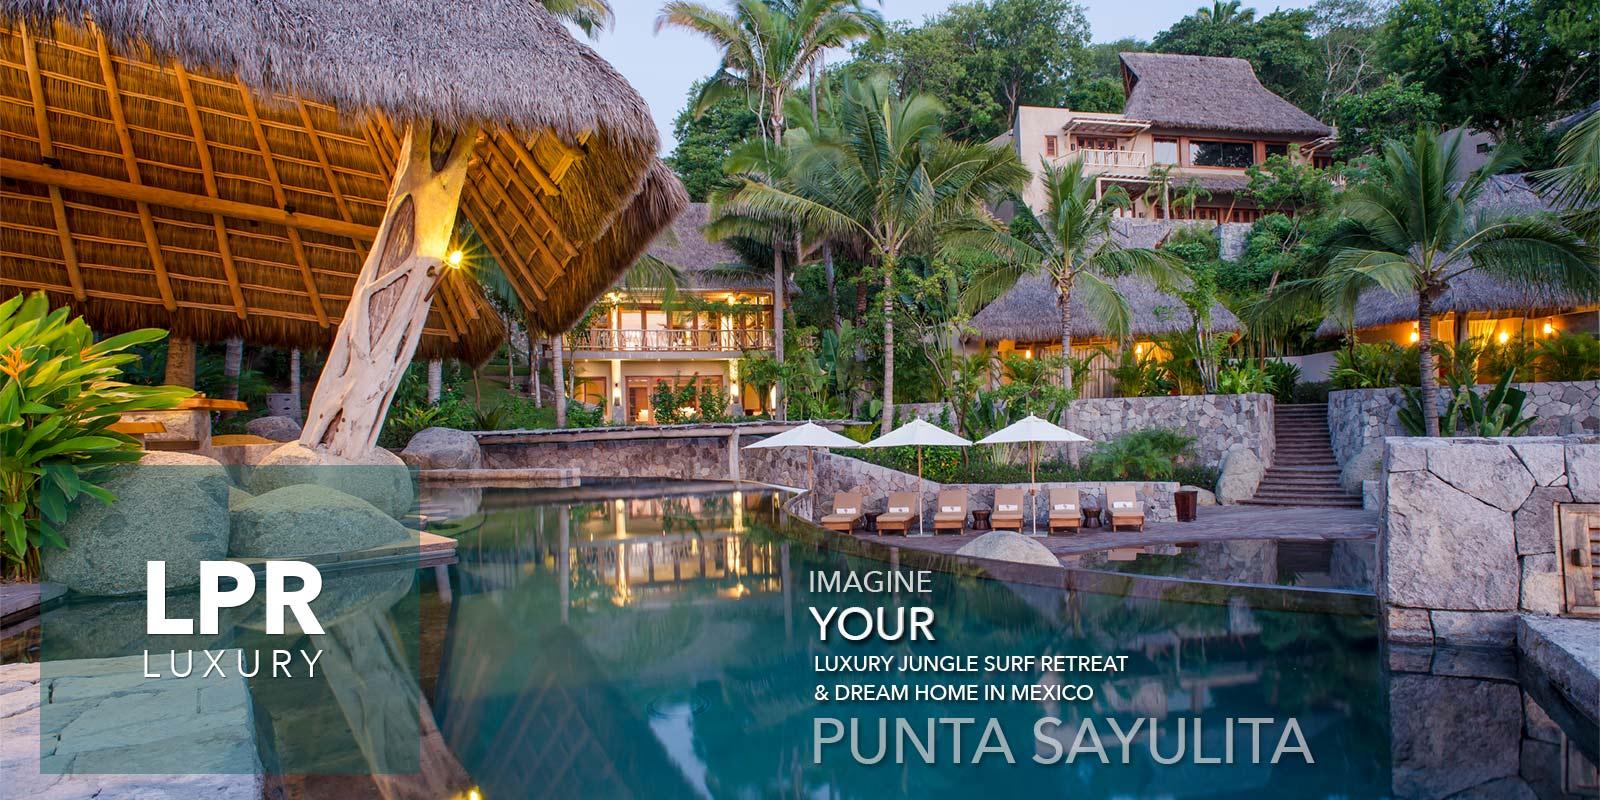 Punta Sayulita Luxury Real Estate And Vacation Als Riviera Nayarit Mexico